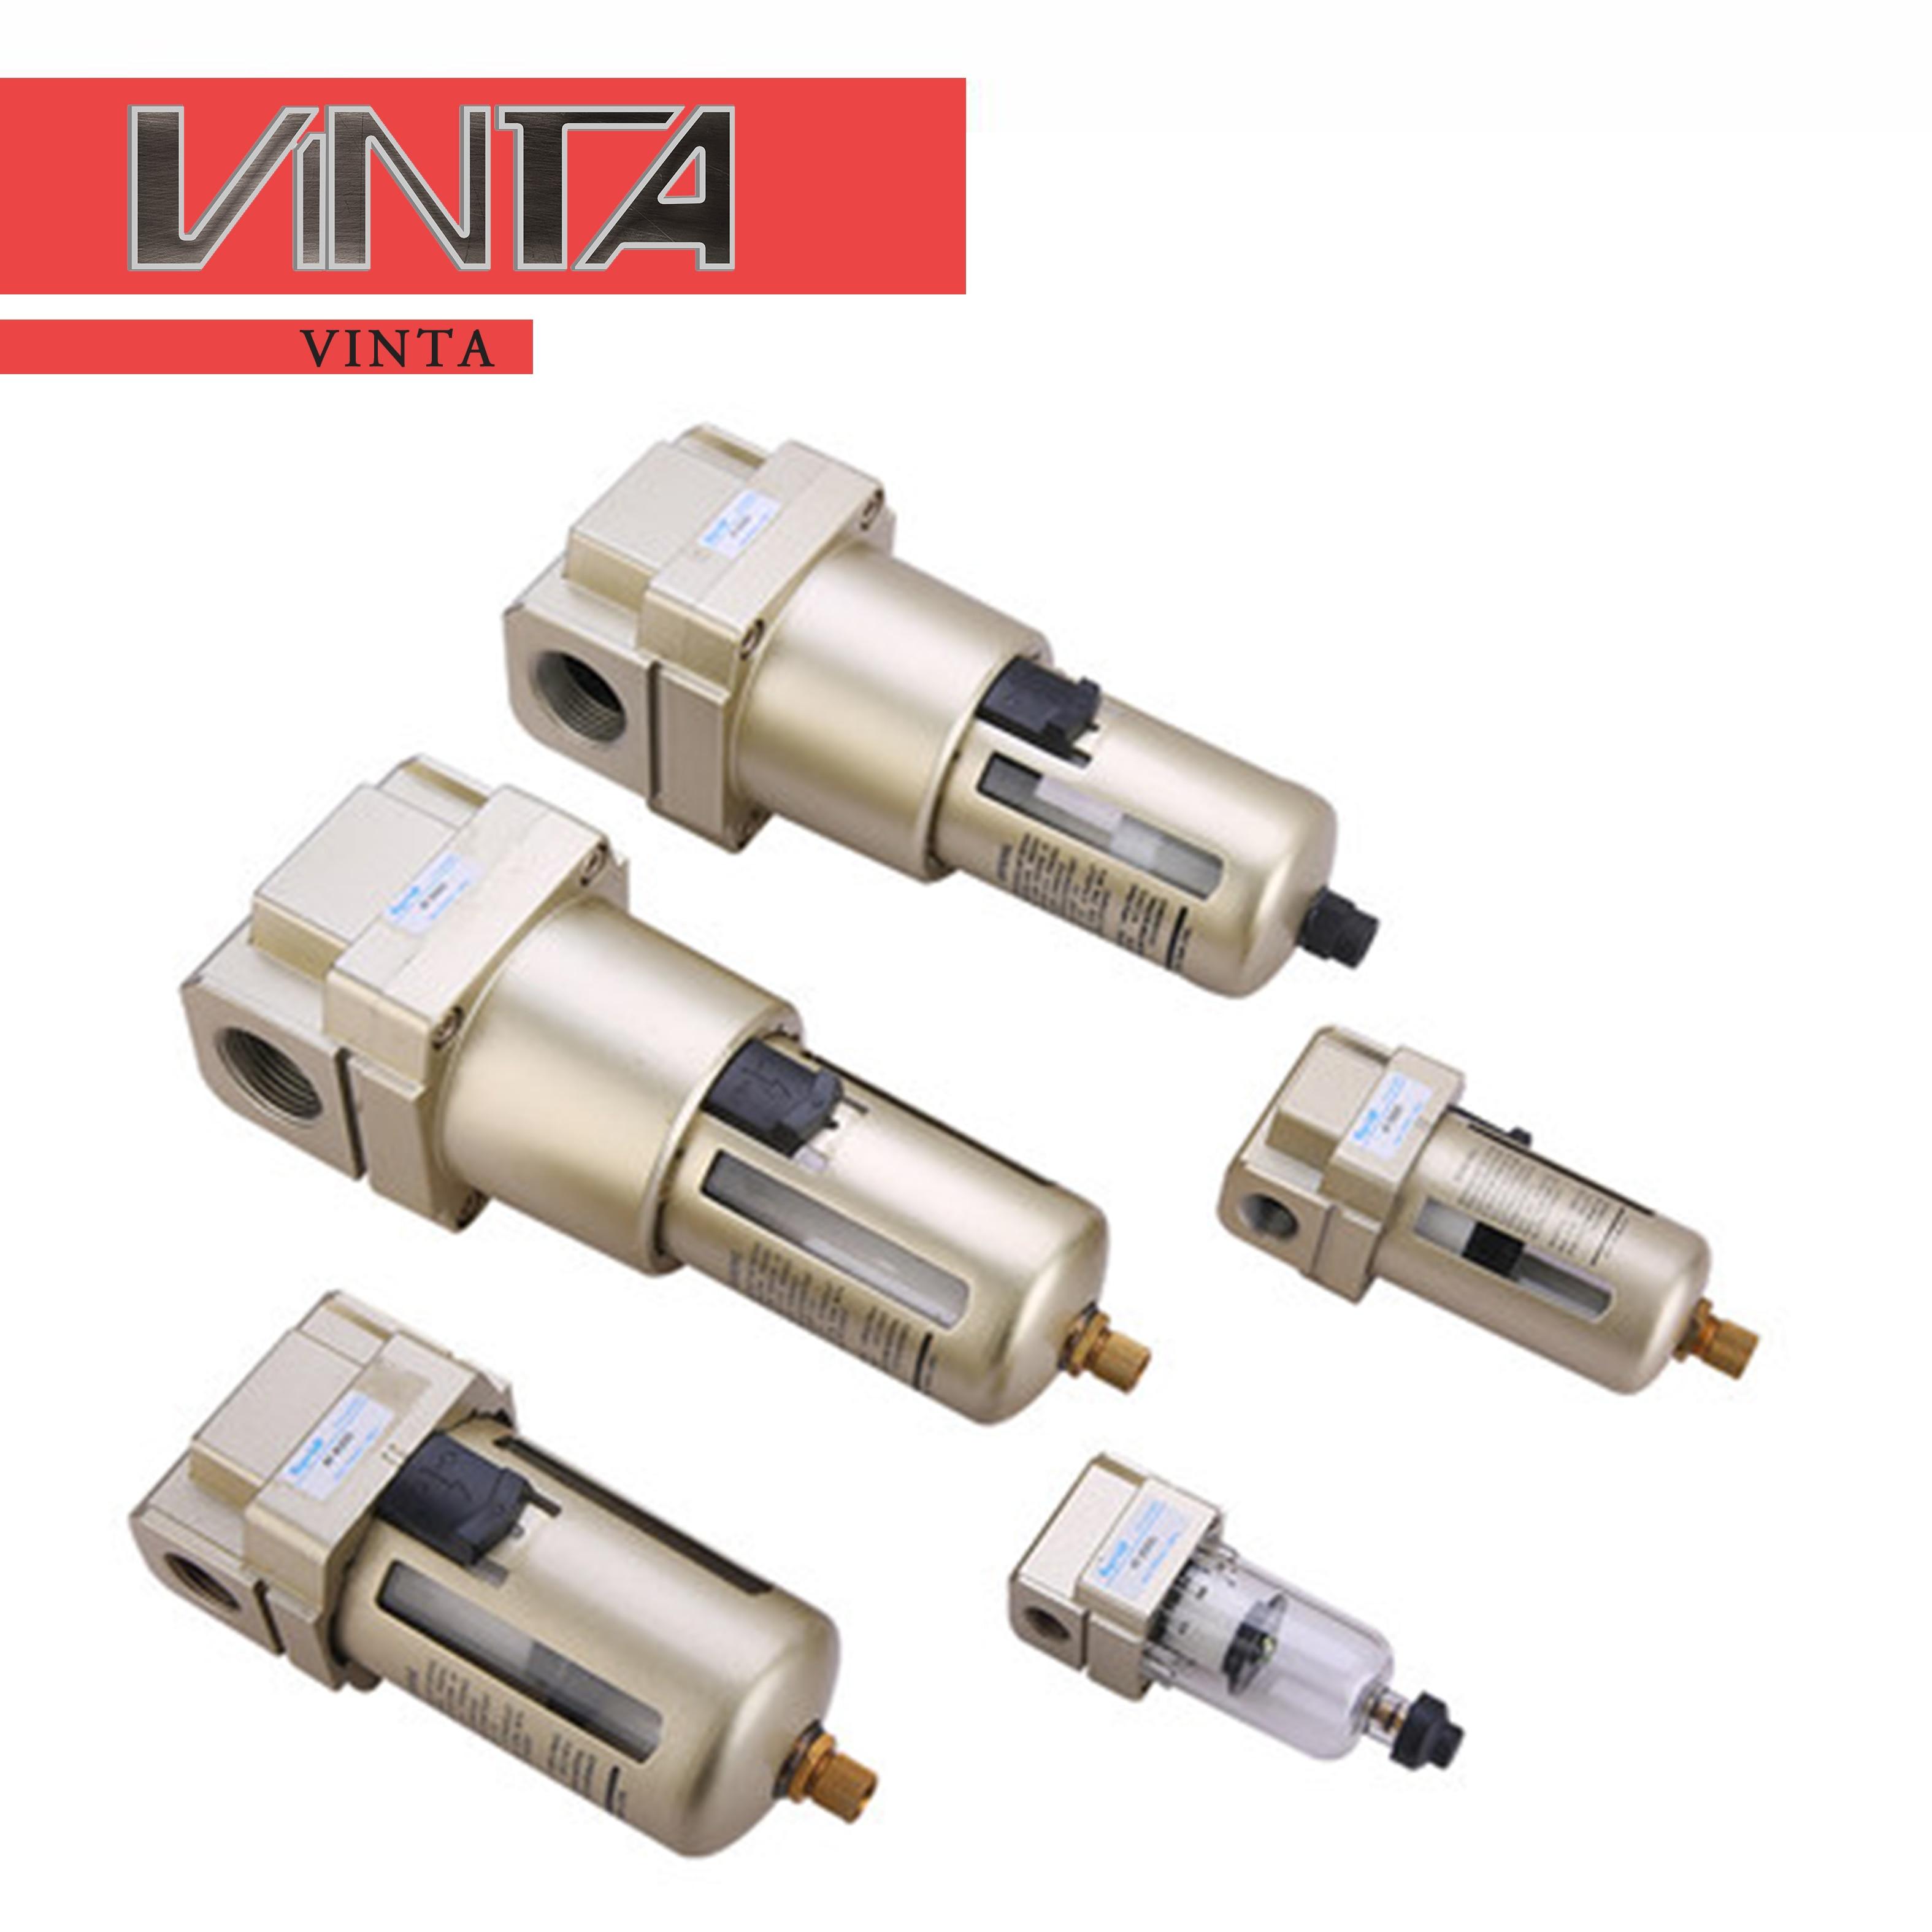 Free Shipping! Gas Source Processor AF2000 AF3000 AF4000 AF5000 Oil Water Separator Air Filter Pneumatic Component|Turning Tool| |  - title=